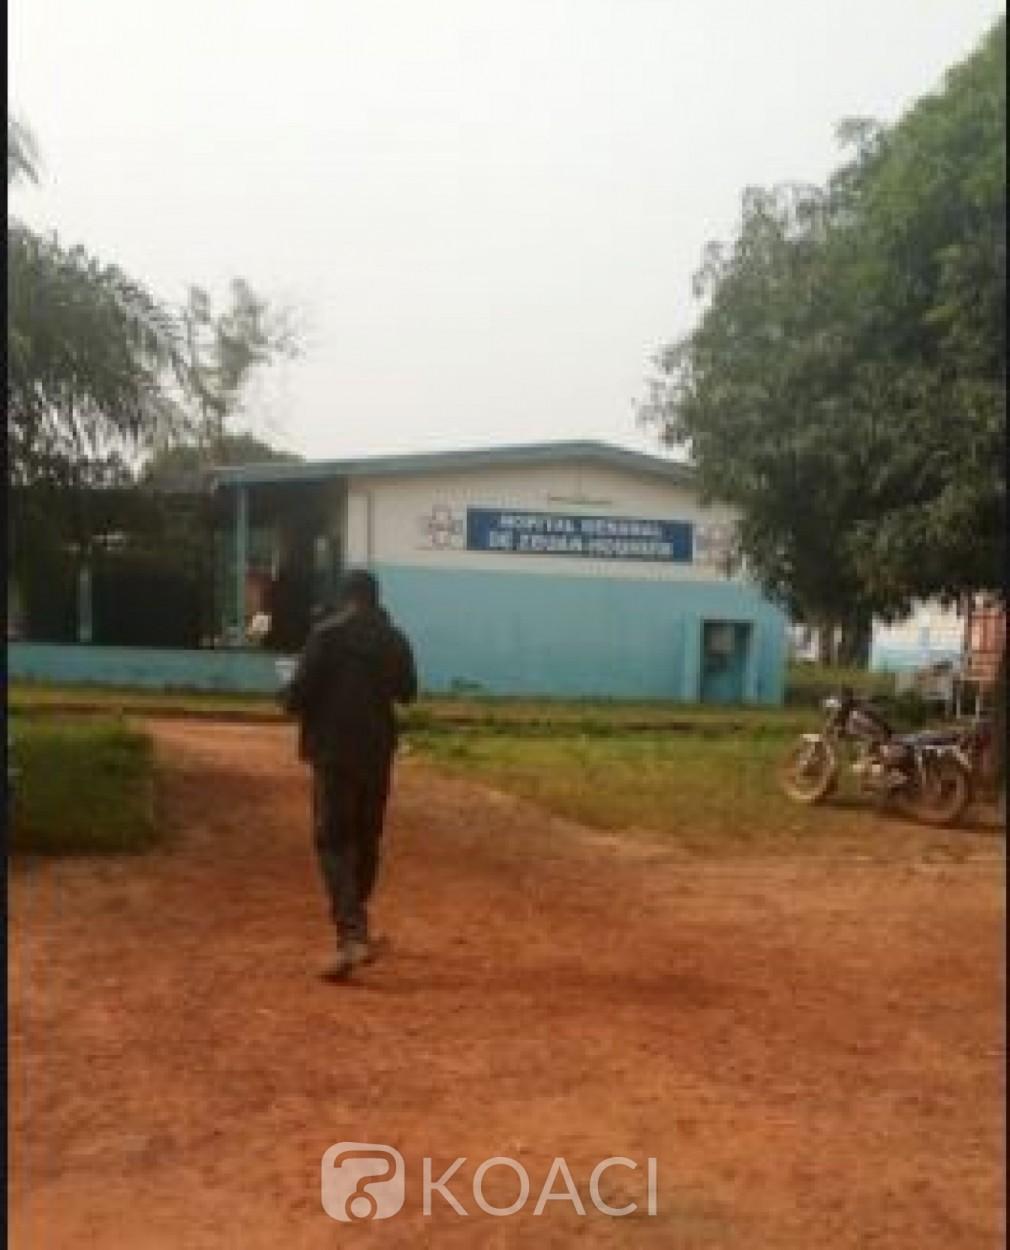 Côte d'Ivoire : Décès d'un policier à l'hôpital général de Zouan-Hounien, la vétusté du matériel sanitaire décriée